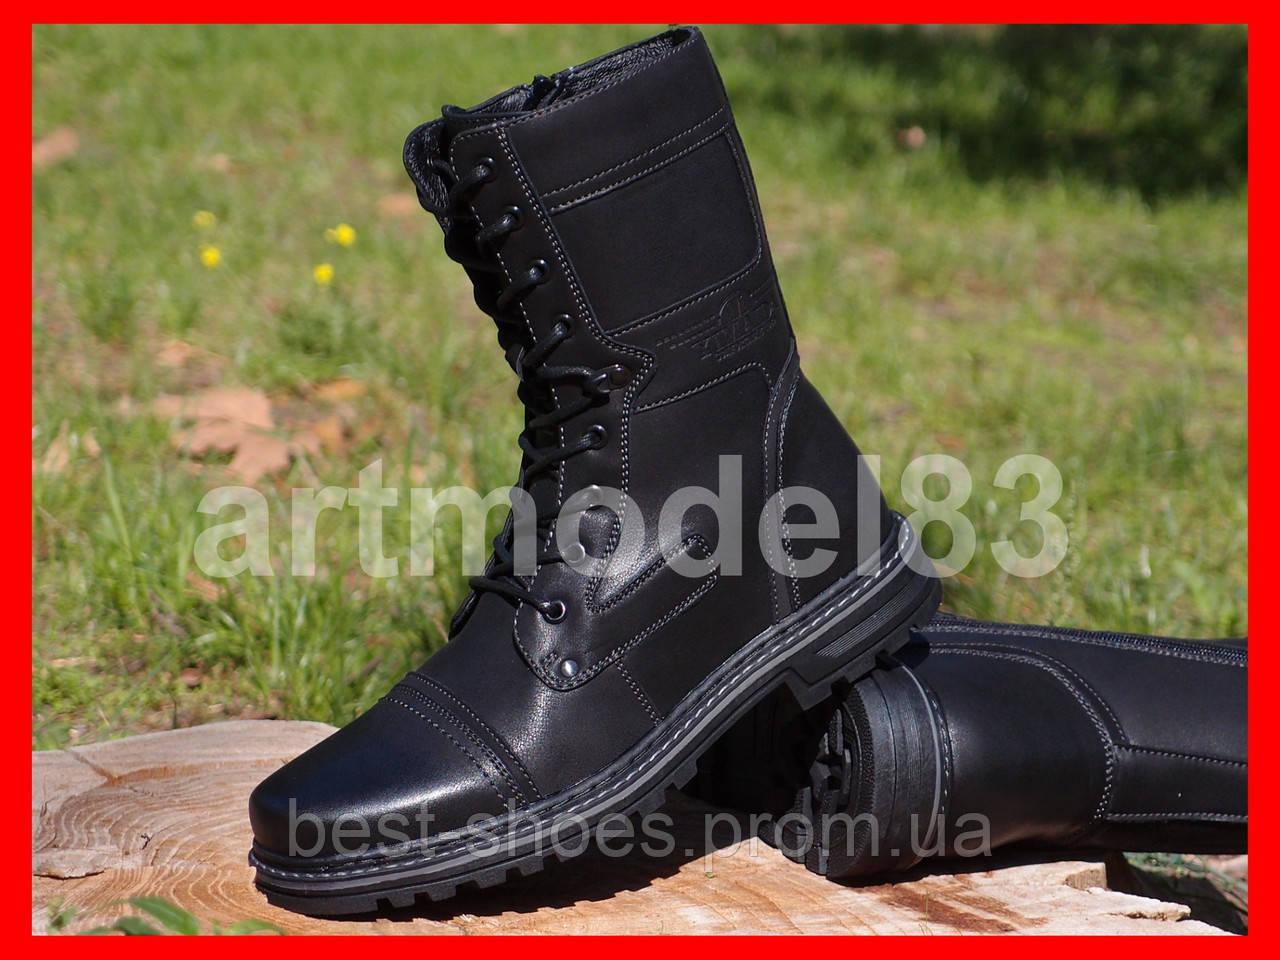 231a44386774 Сапоги, ботинки, берцы мужские зимние Comfortable Прошиты 40-45 - ARTMODEL  в Запорожье